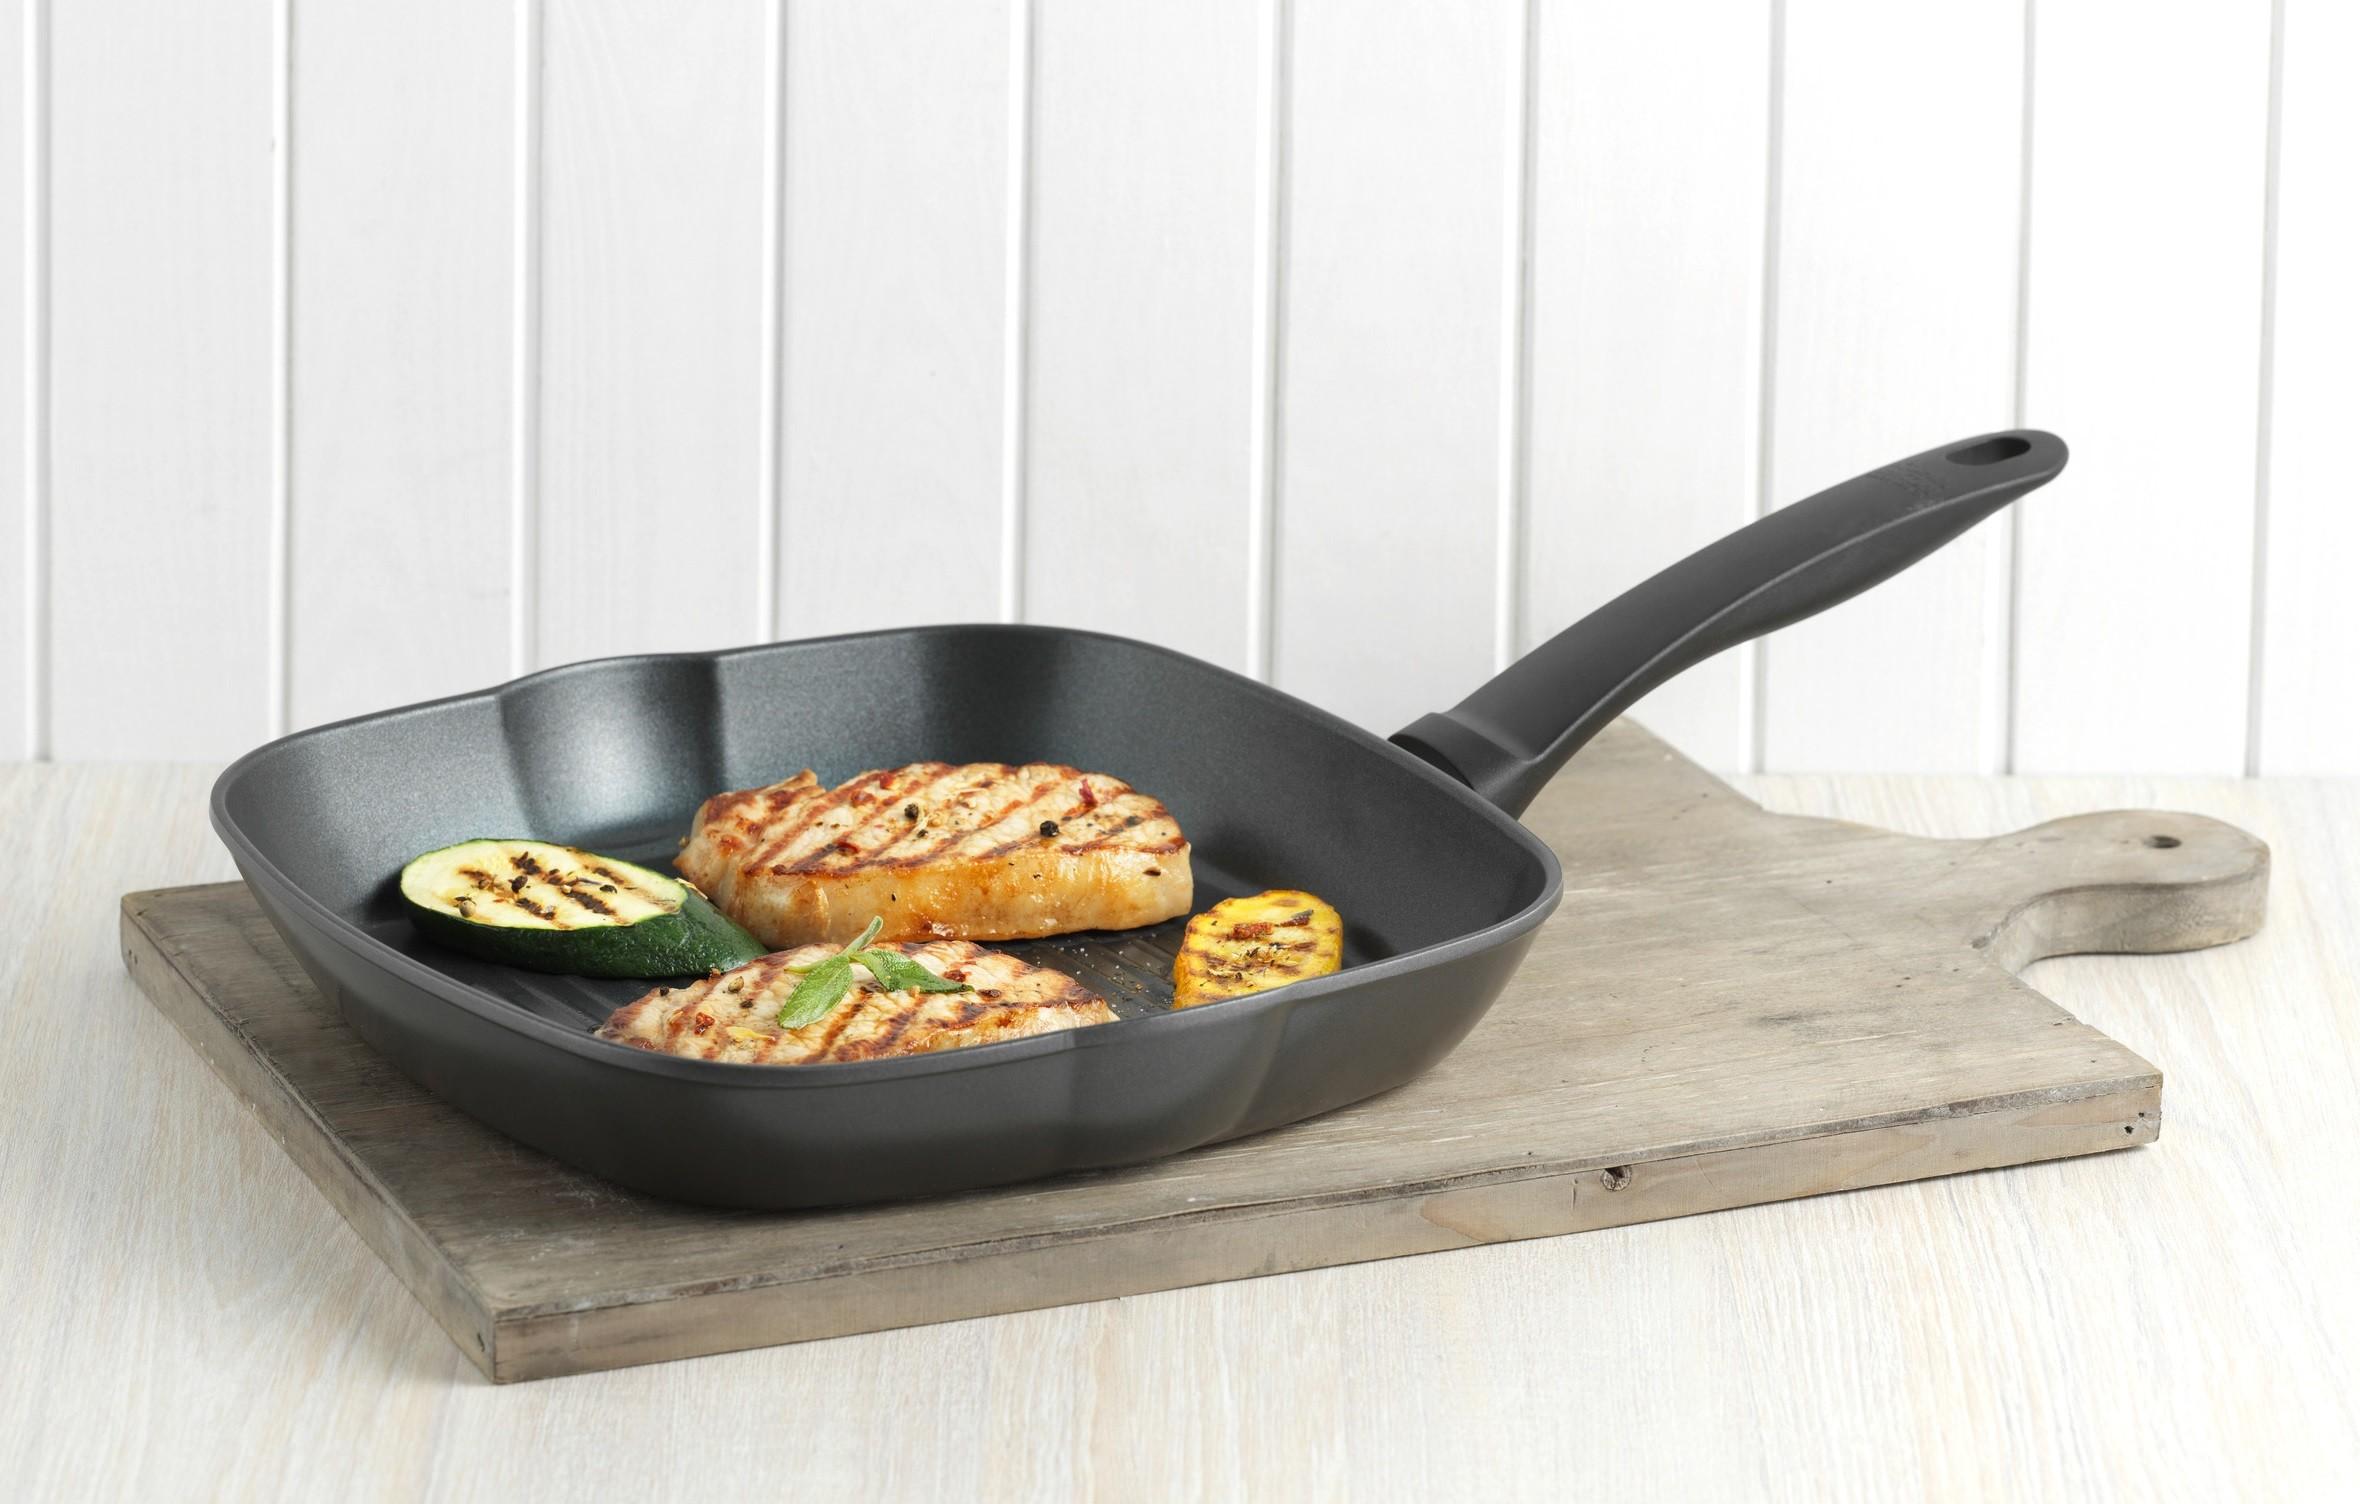 grill kuhn rikon grill easy inducción 31274